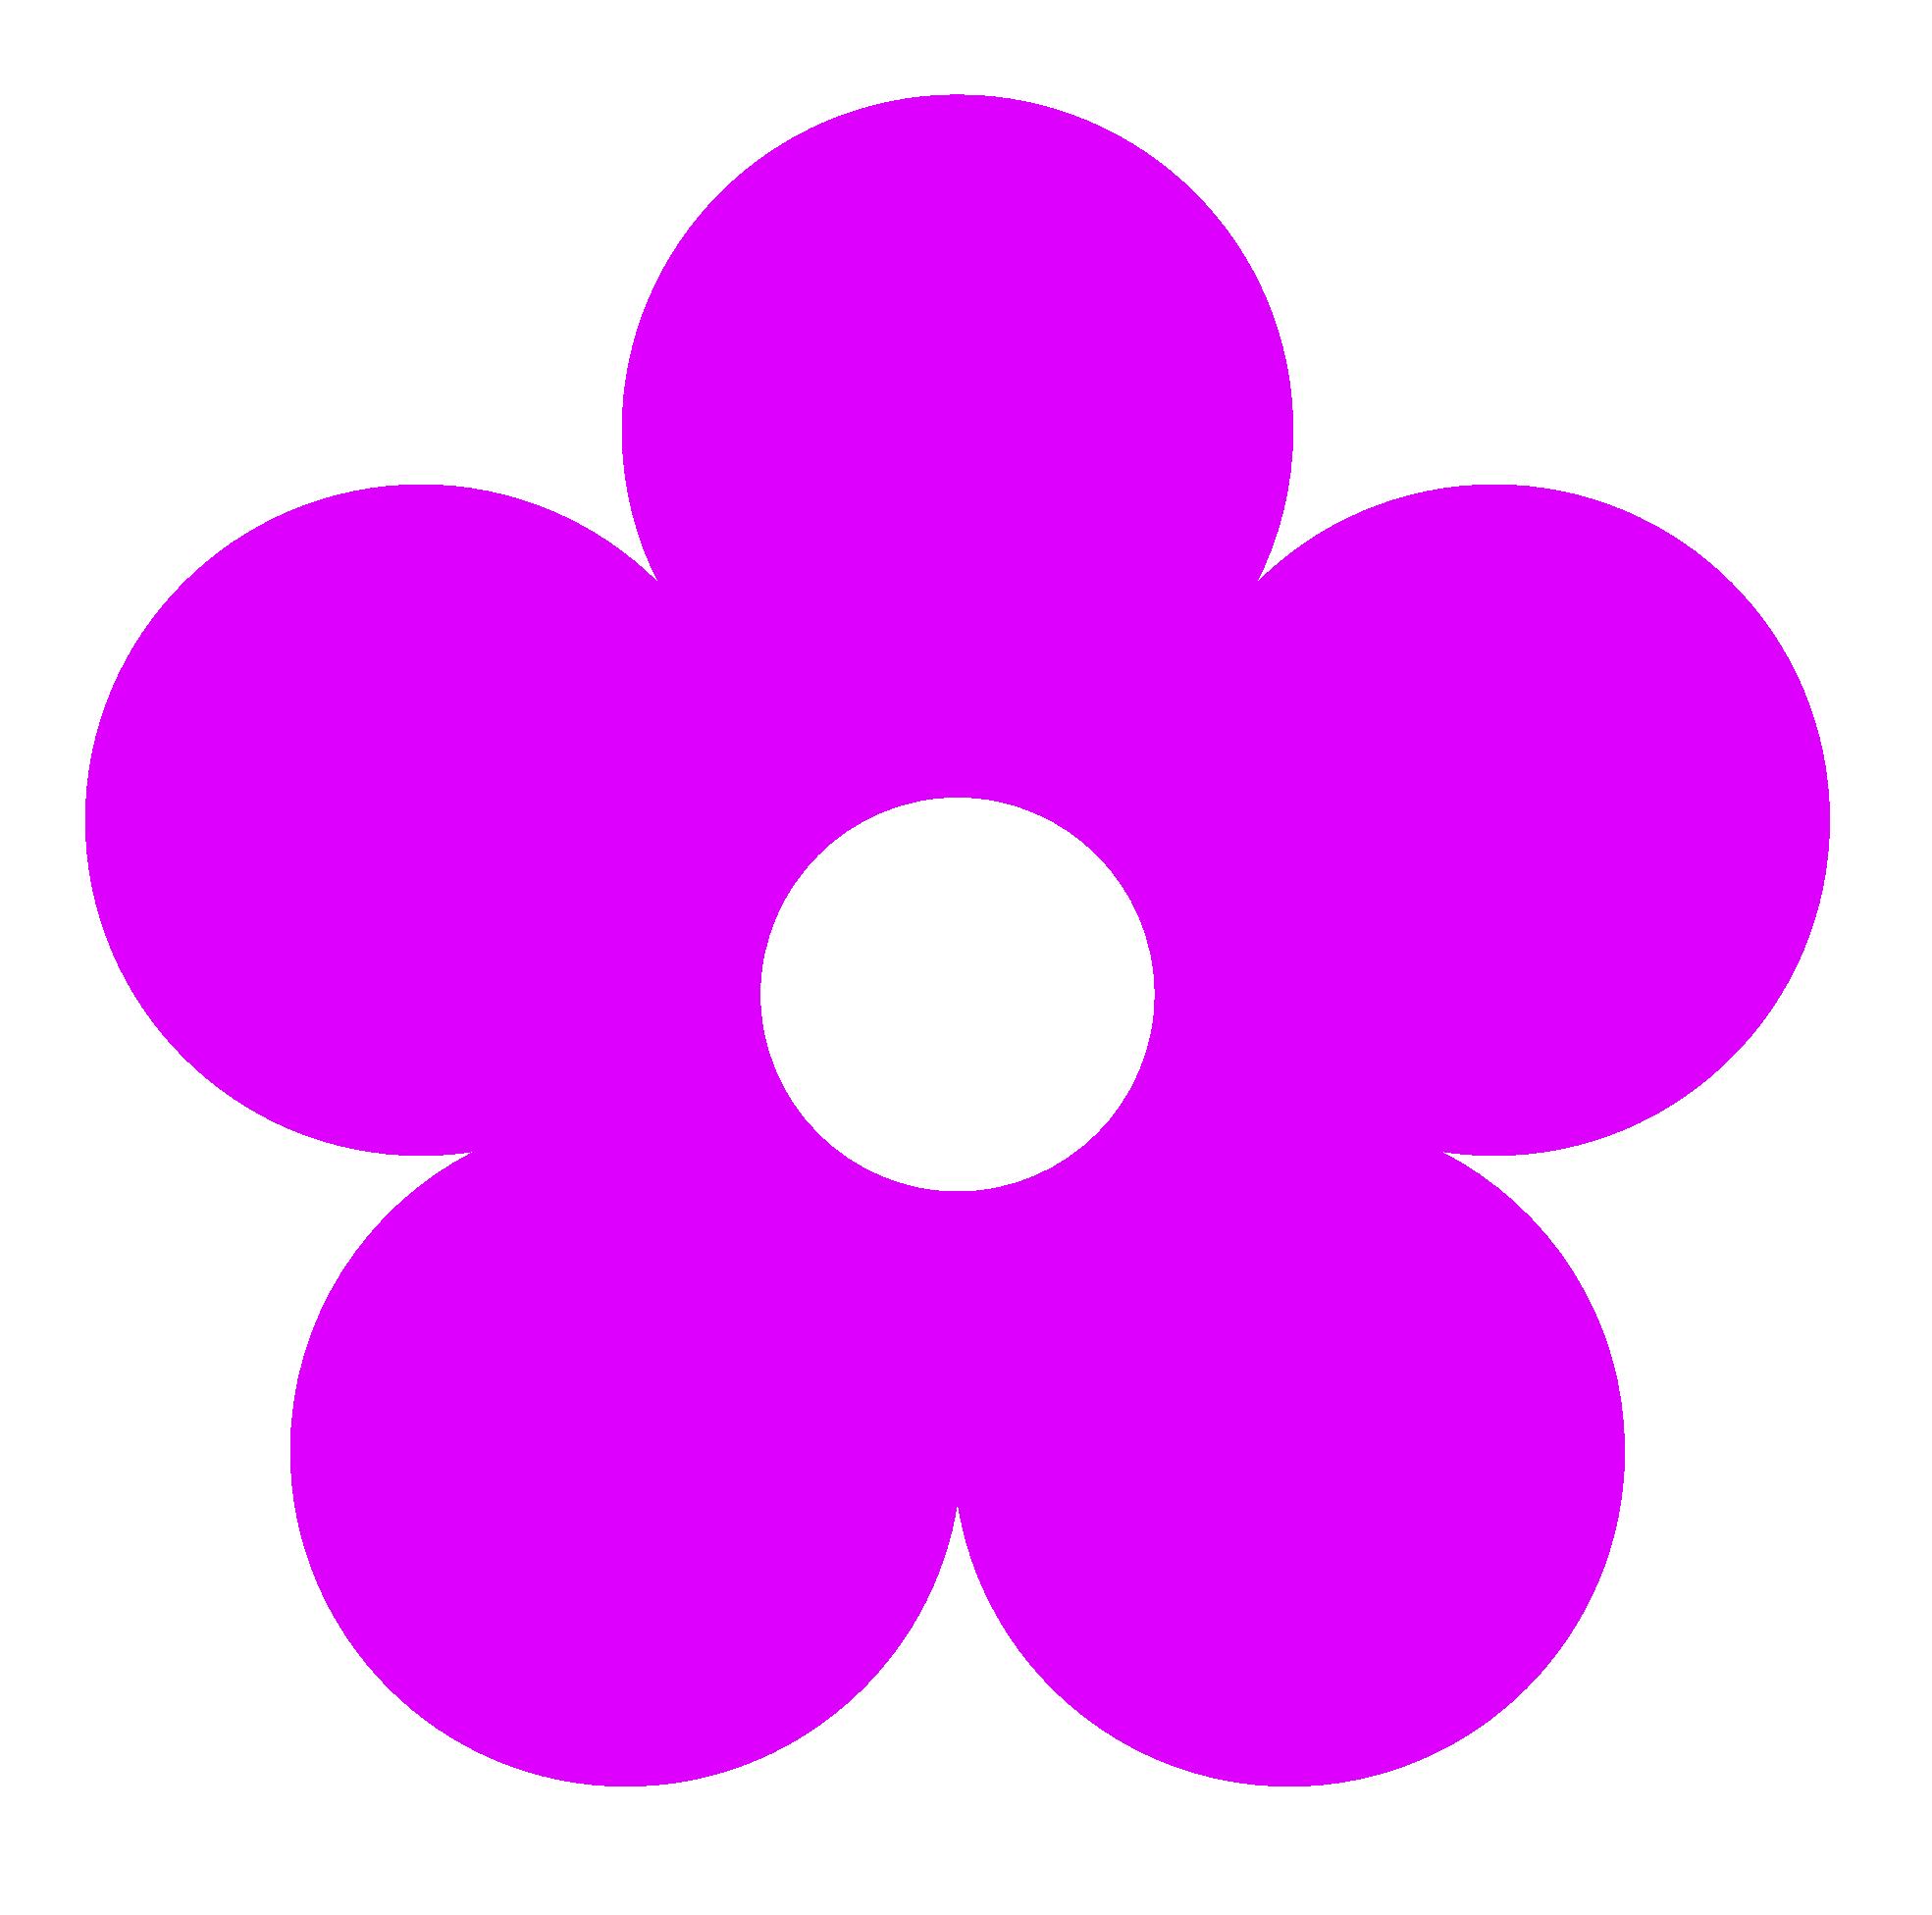 Flower color clipart clip art transparent download Retro Flower 1 Color | Clipart Panda - Free Clipart Images clip art transparent download